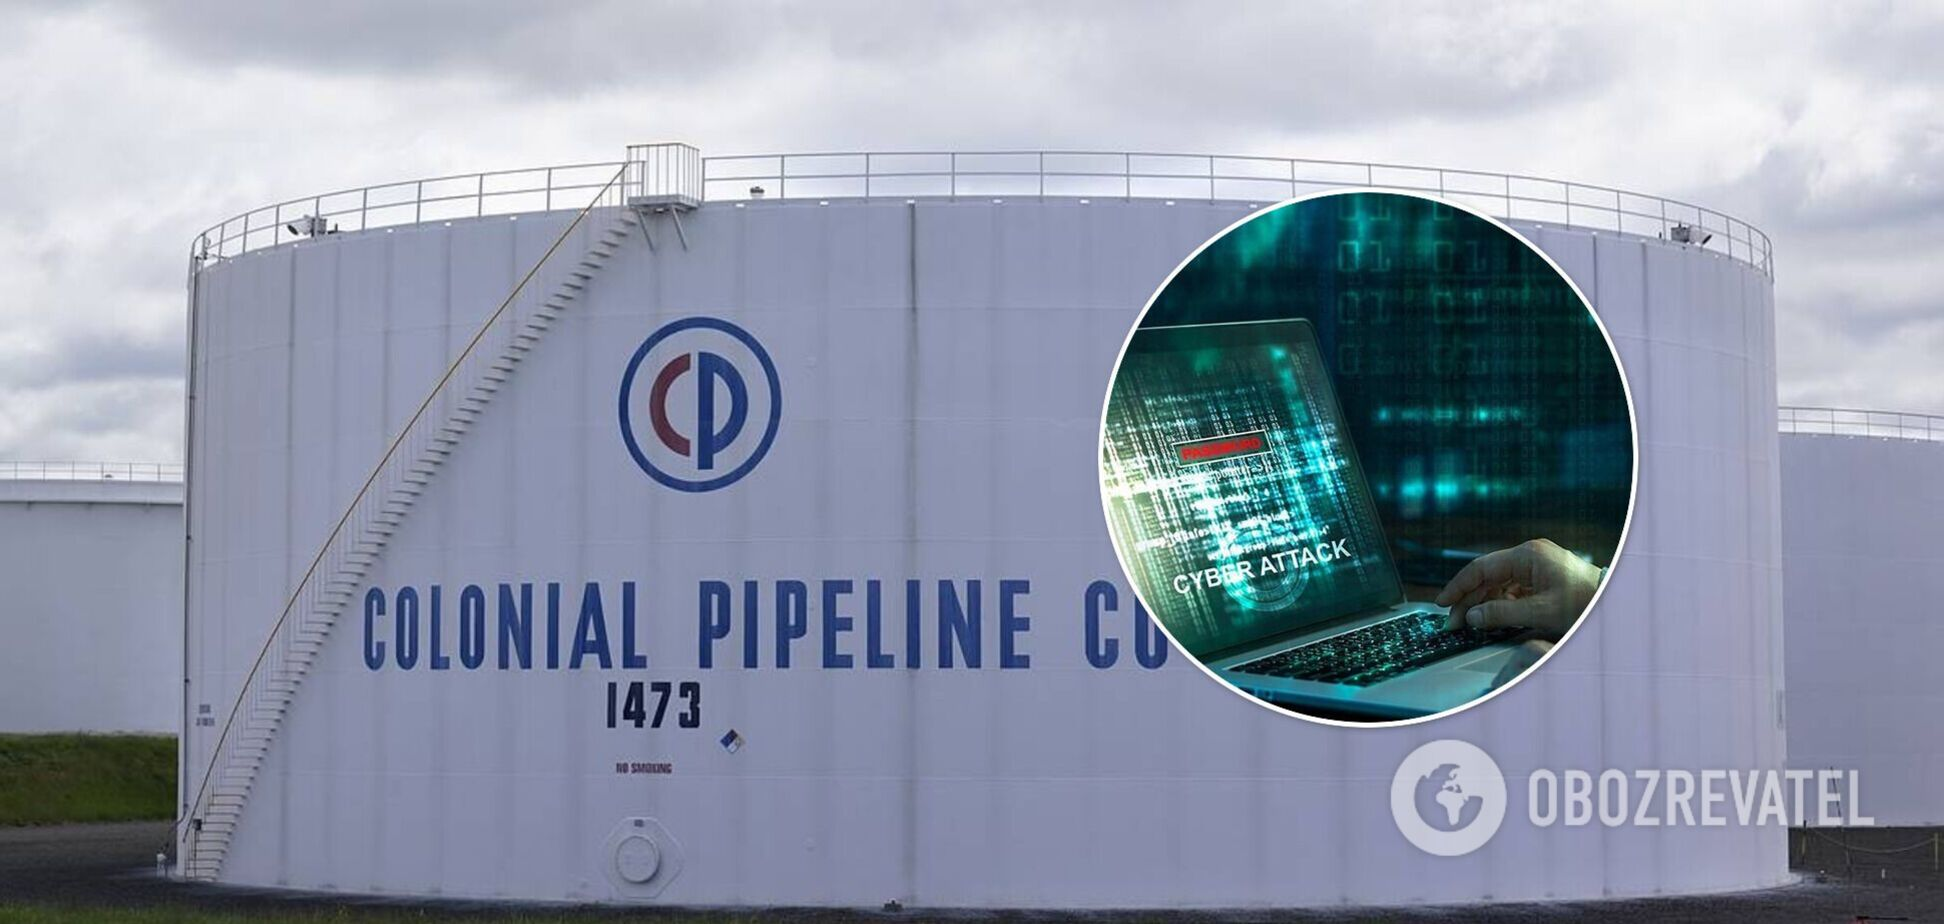 Трубопровід США Colonial Pipeline